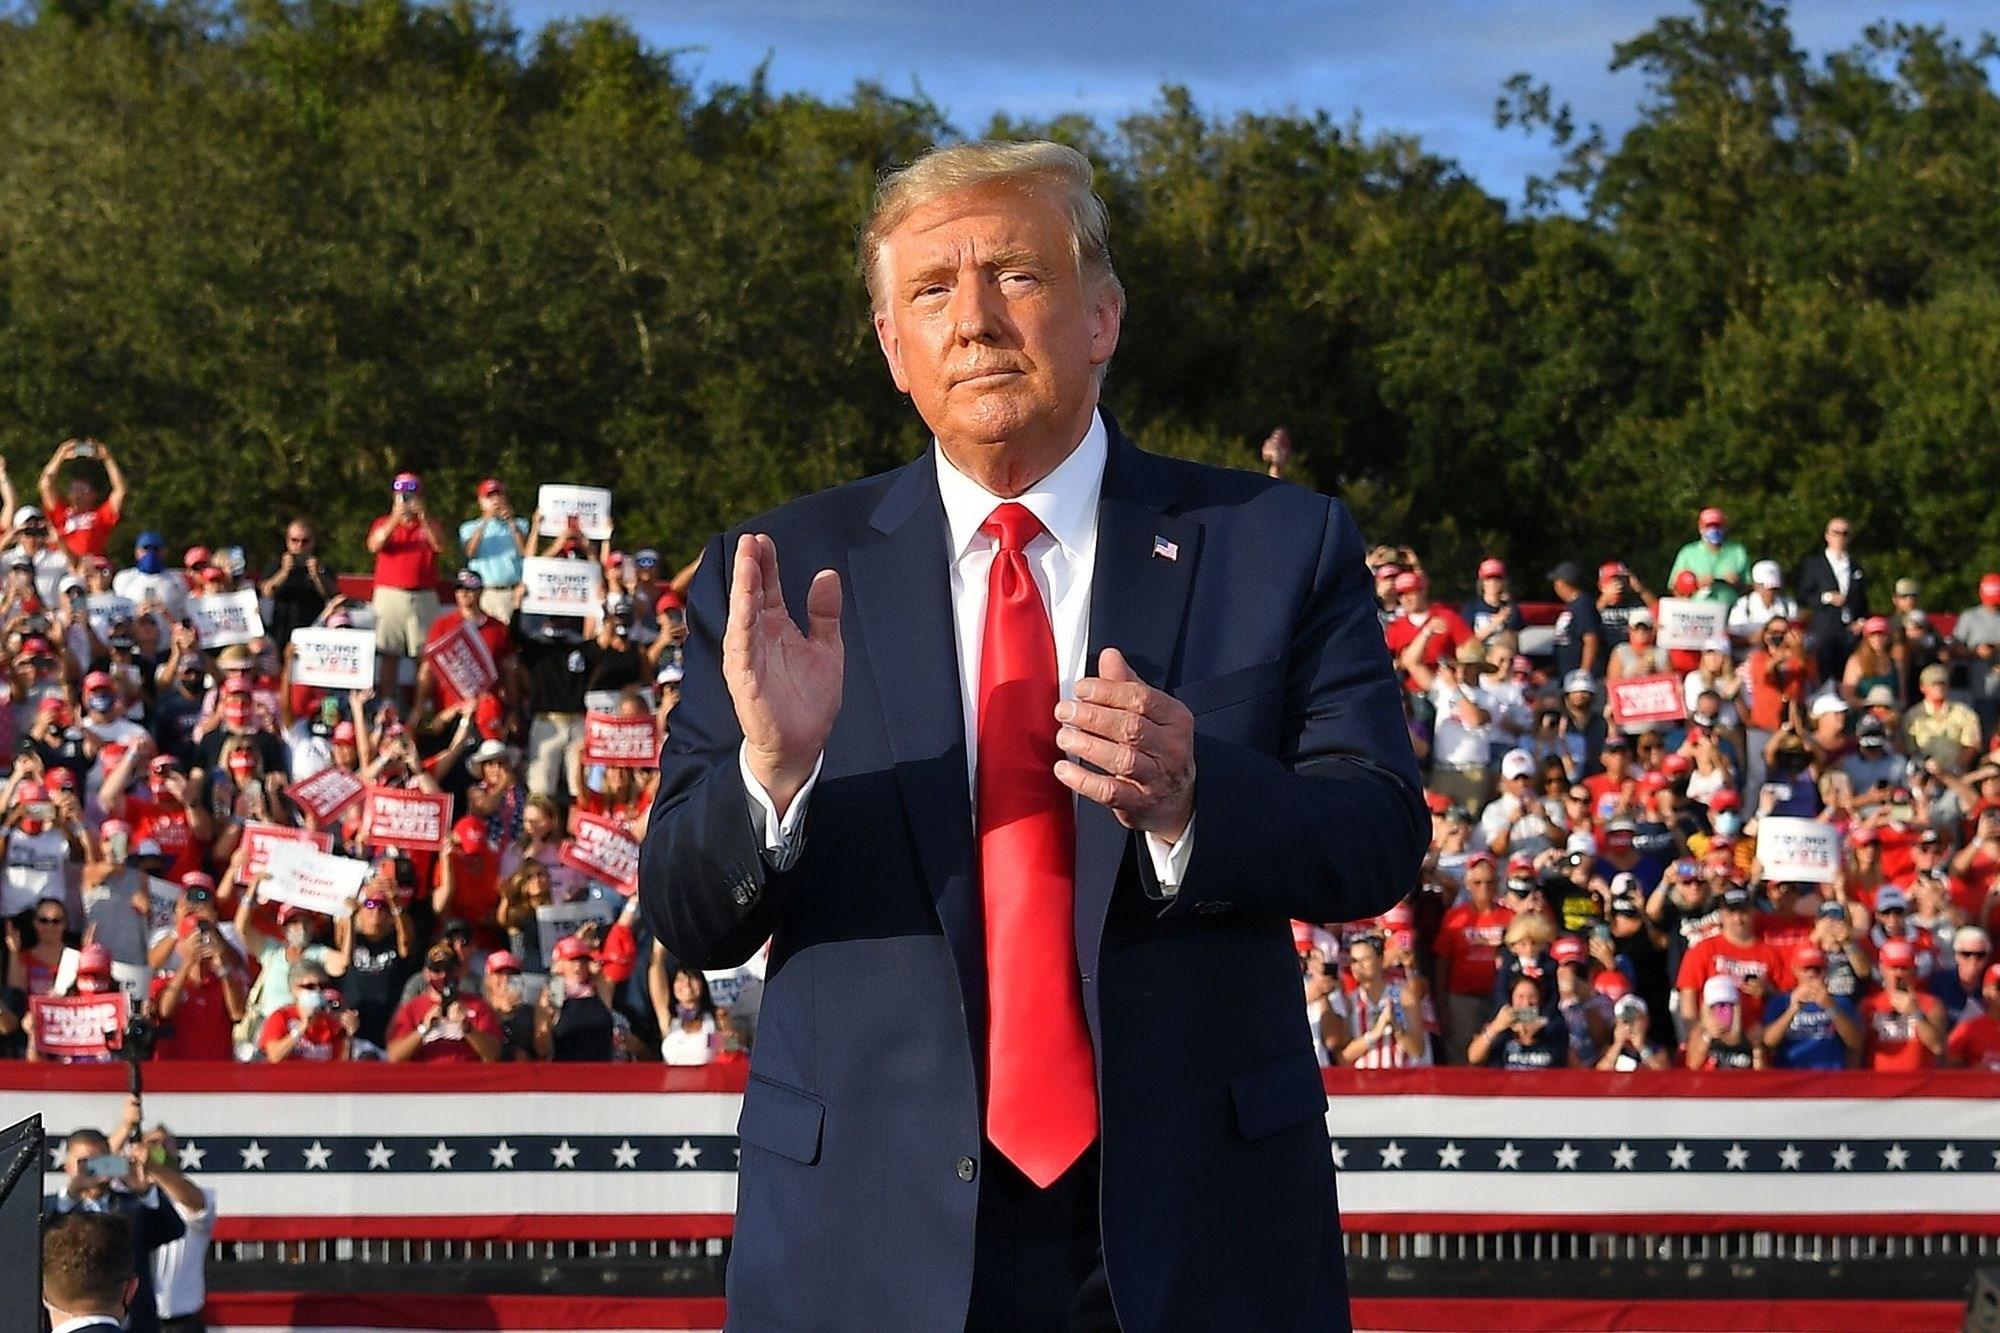 الرئيس الأميركي دونالد ترامب خلال مهرجان انتخابي بولاية فلوريدا أمس الجمعة